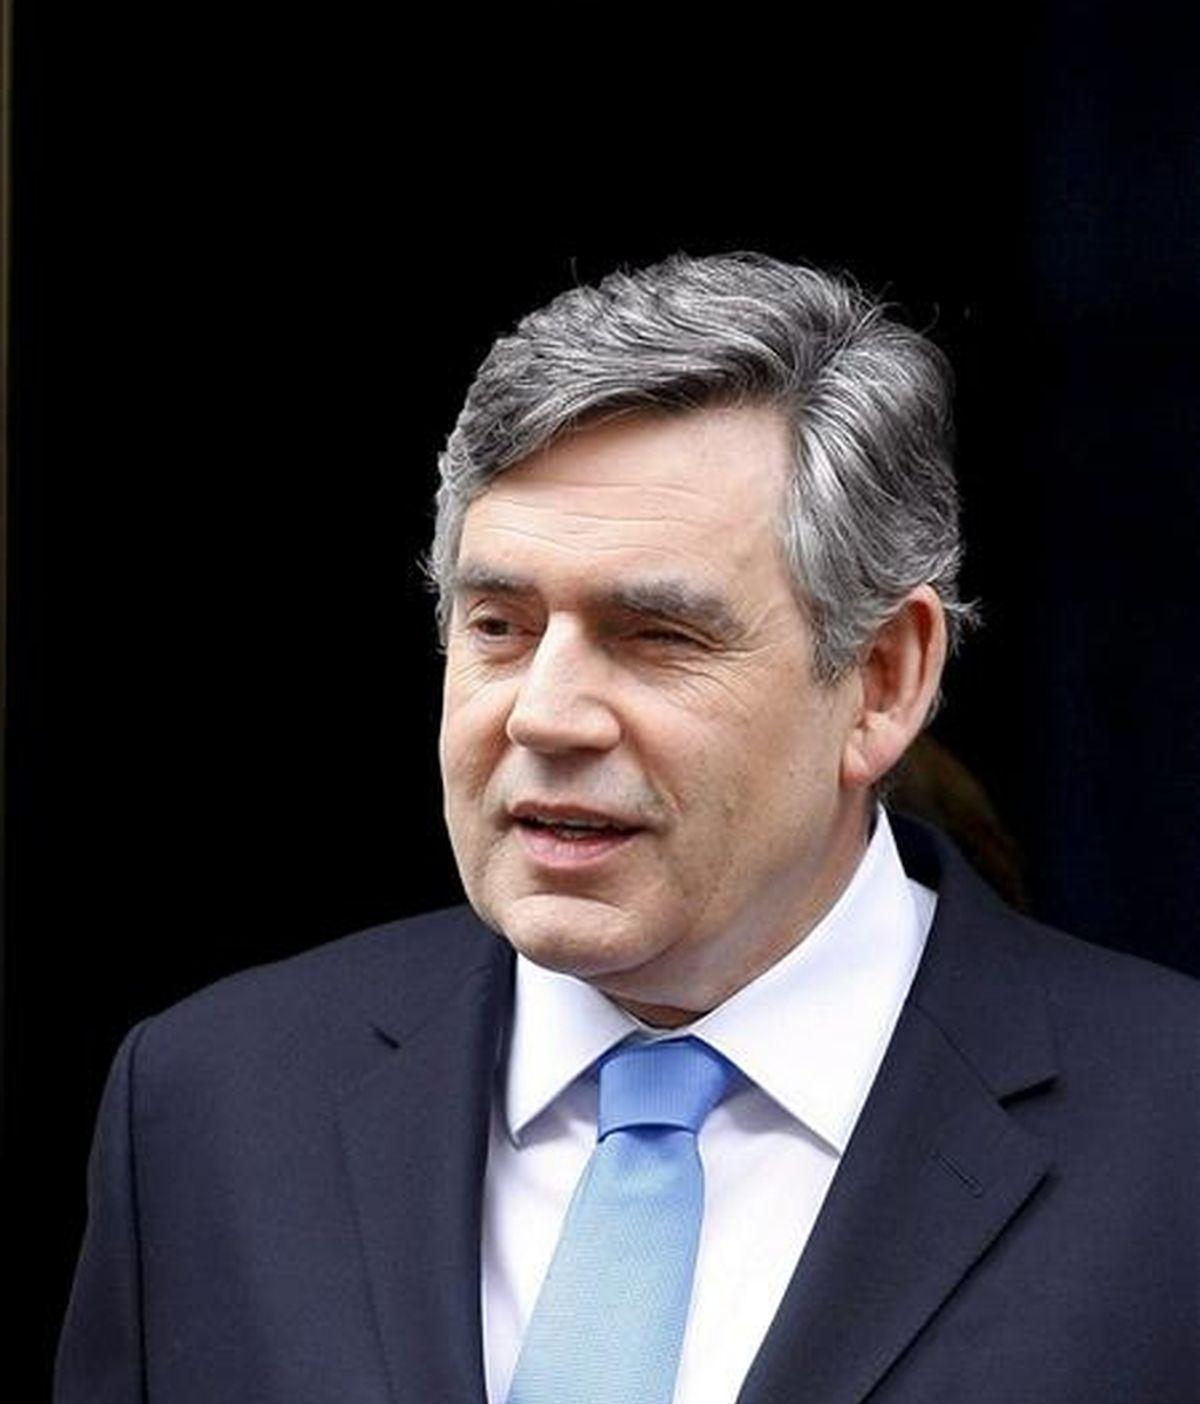 El primer ministro británico, Gordon Brown, sonríe a su salida hoy de Downing Street de camino al Parlamento, en Londres. EFE